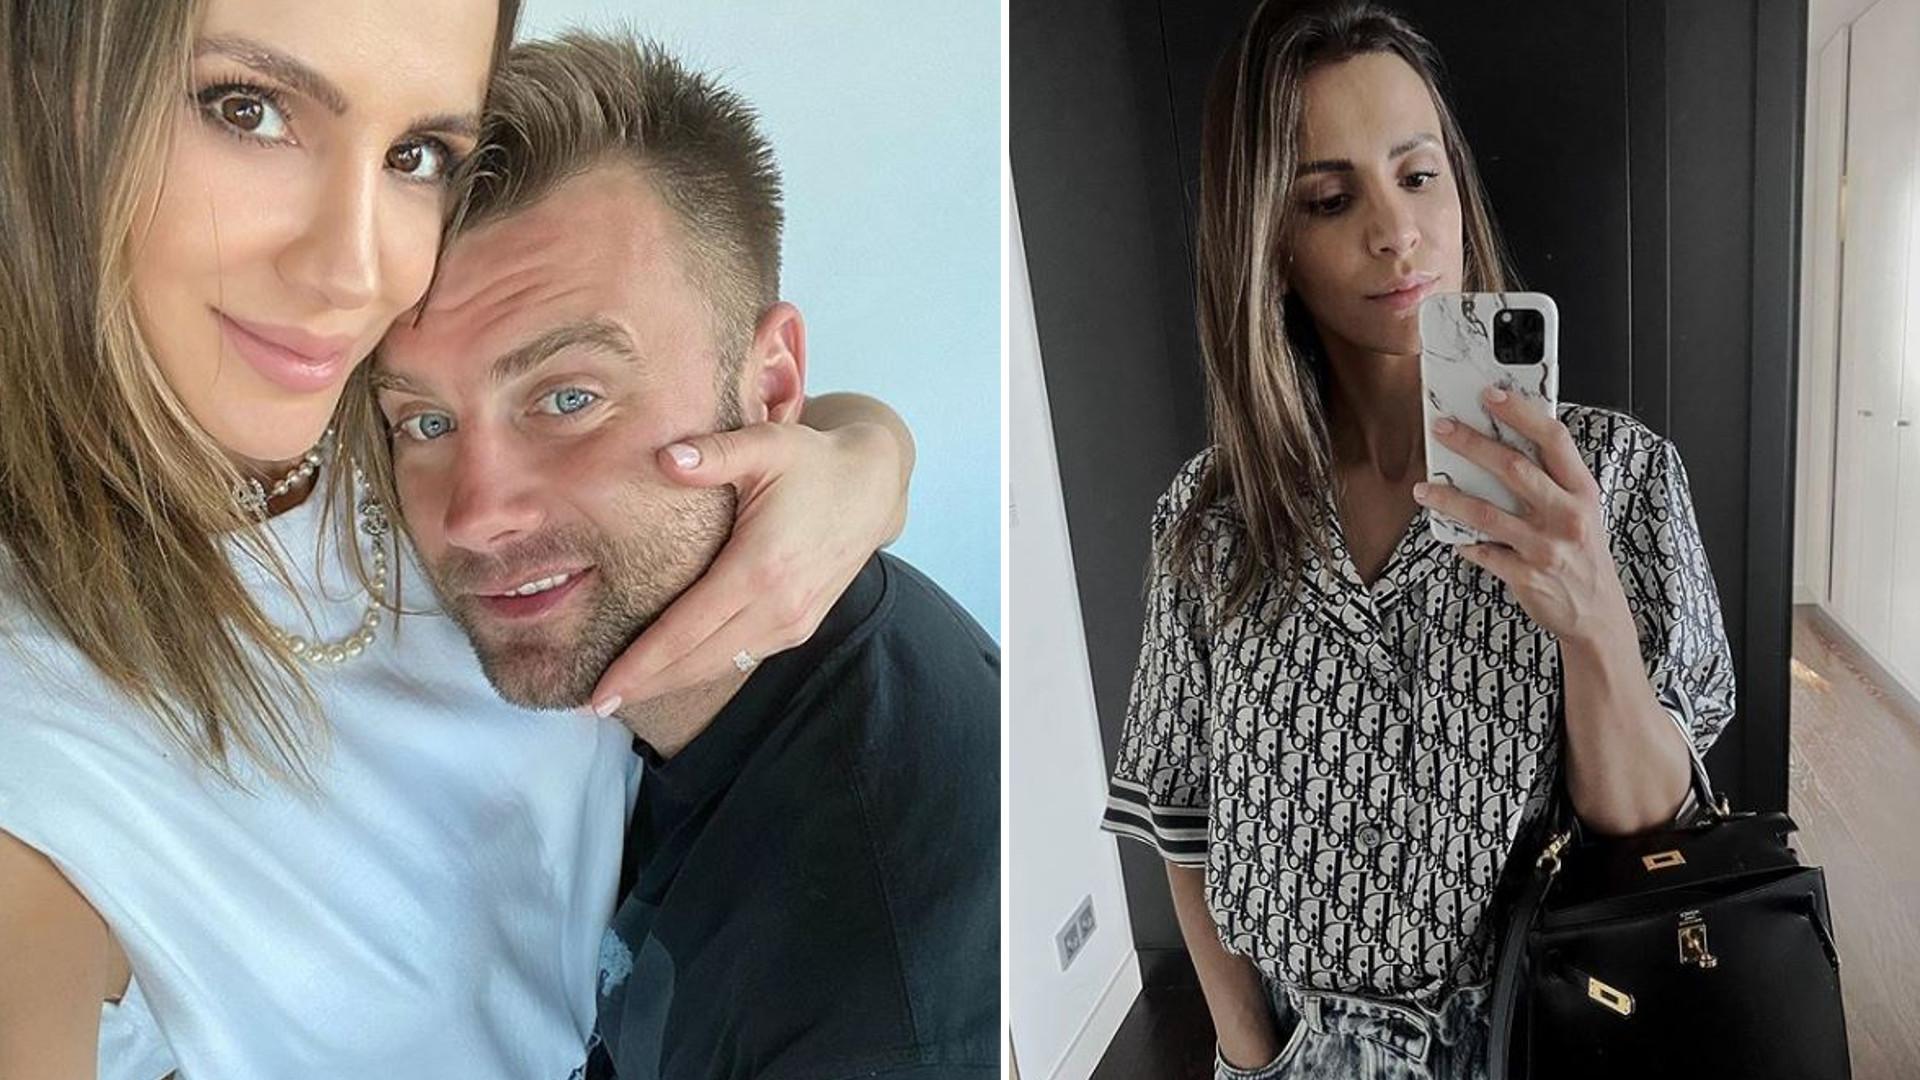 """Sara Boruc dodała ODWAŻNE zdjęcie z mężem przy basenie: """"Uwielbiam patrzeć na szczęśliwych ludzi"""""""